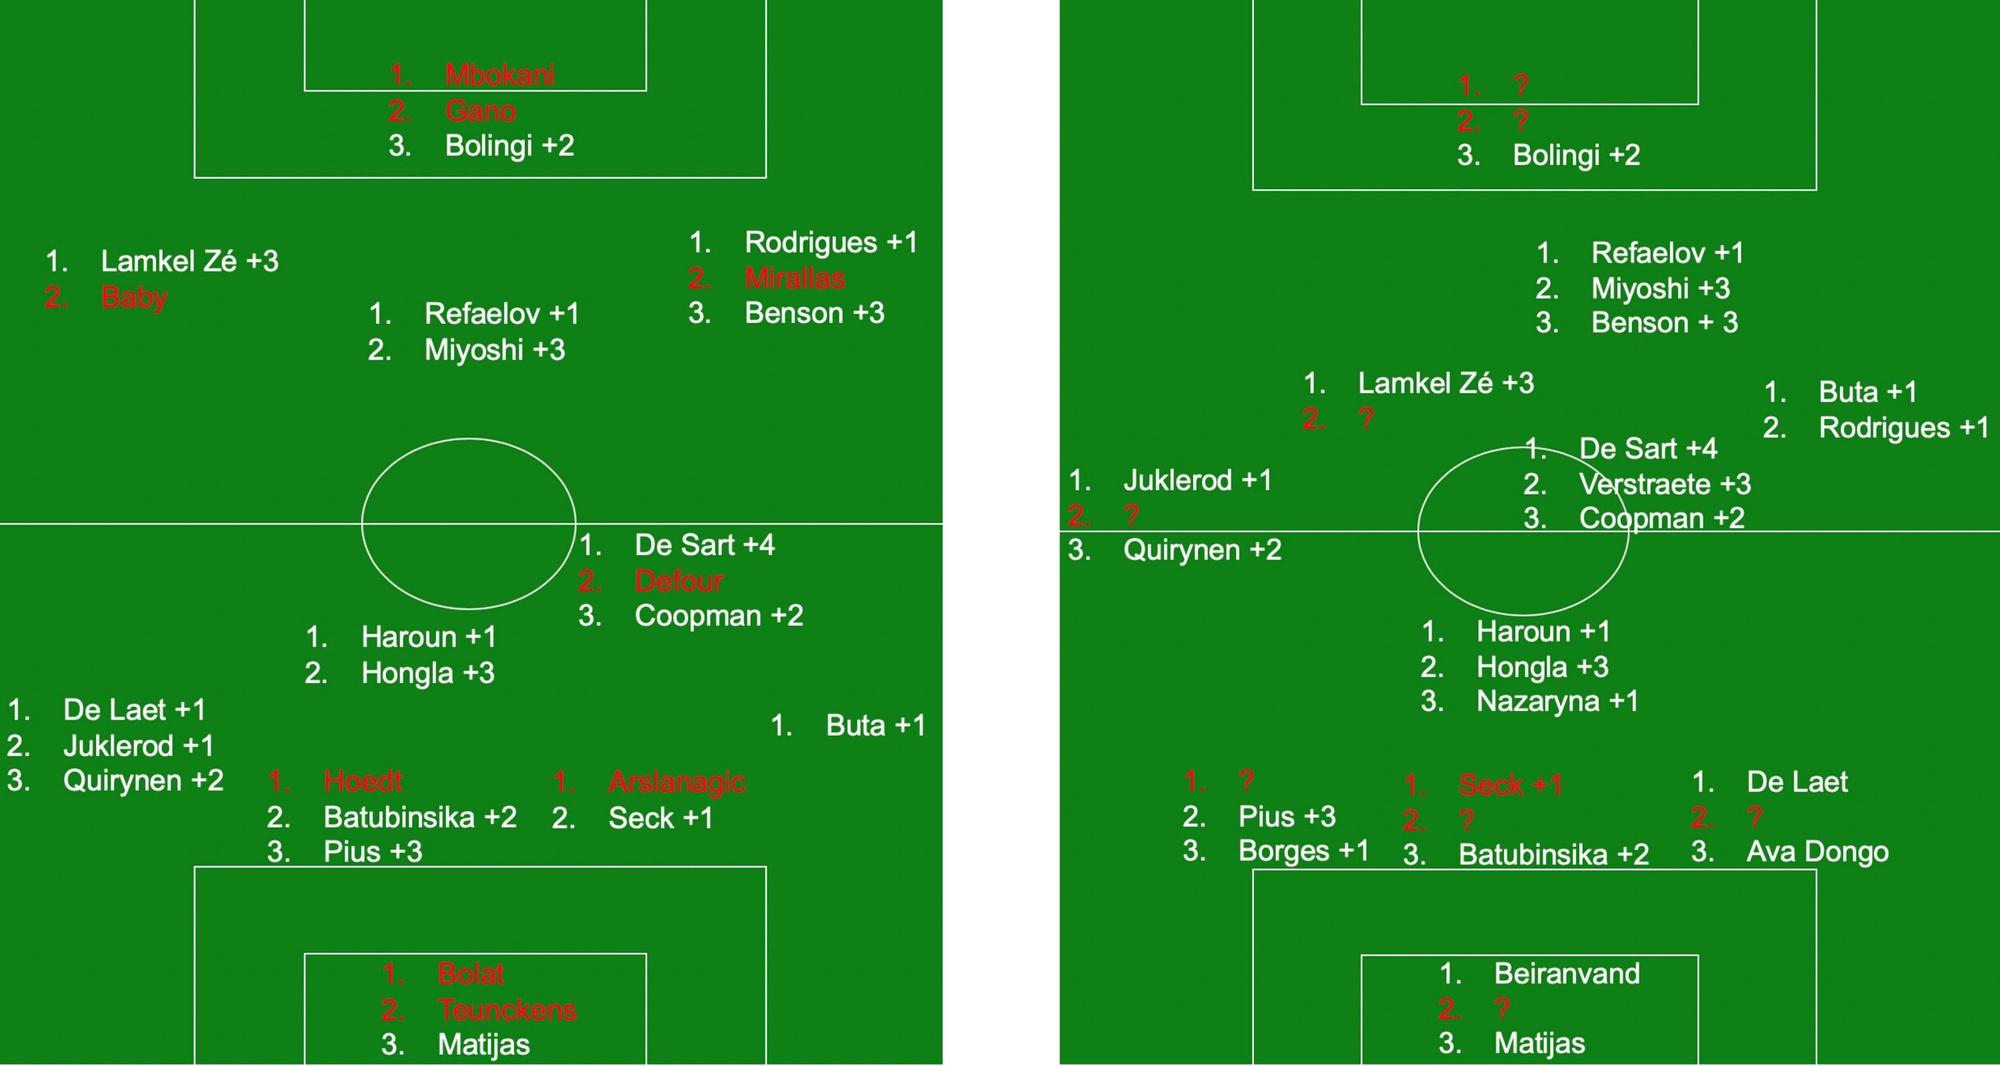 Links: de typeploeg van Antwerp van het afgelopen seizoen met per positie de opties, in volgorde van aantal speelminuten. Rood duidt op einde contract of vertrek. Achter de naam staat het aantal extra contractjaren. Rechts: de voorlopige spelerskern waar Leko kan over beschikken in een 3-5-2., Redactie